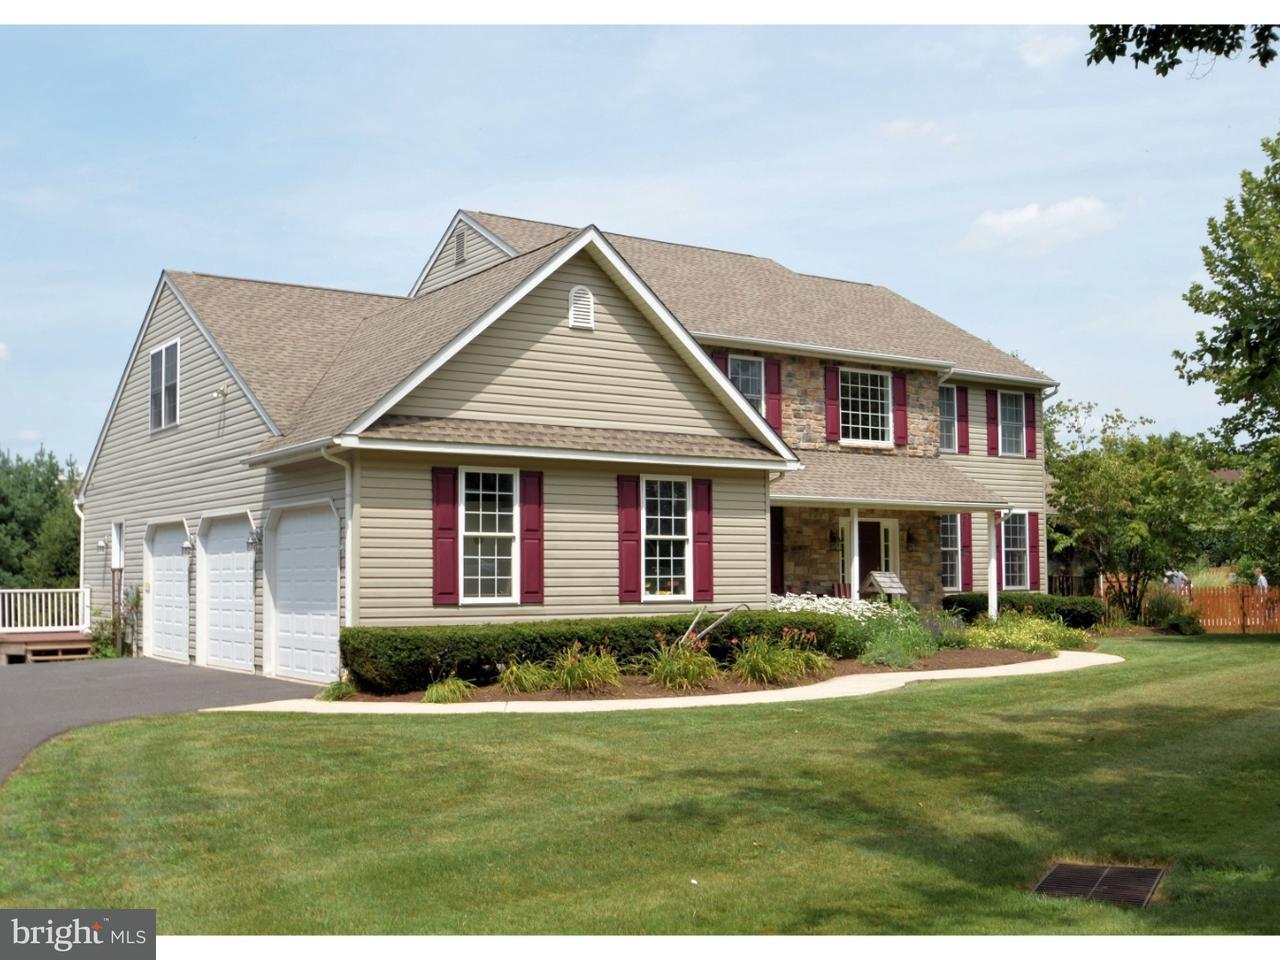 Nhà ở một gia đình vì Bán tại 231 HARLEYSVILLE PIKE Telford, Pennsylvania 18964 Hoa Kỳ